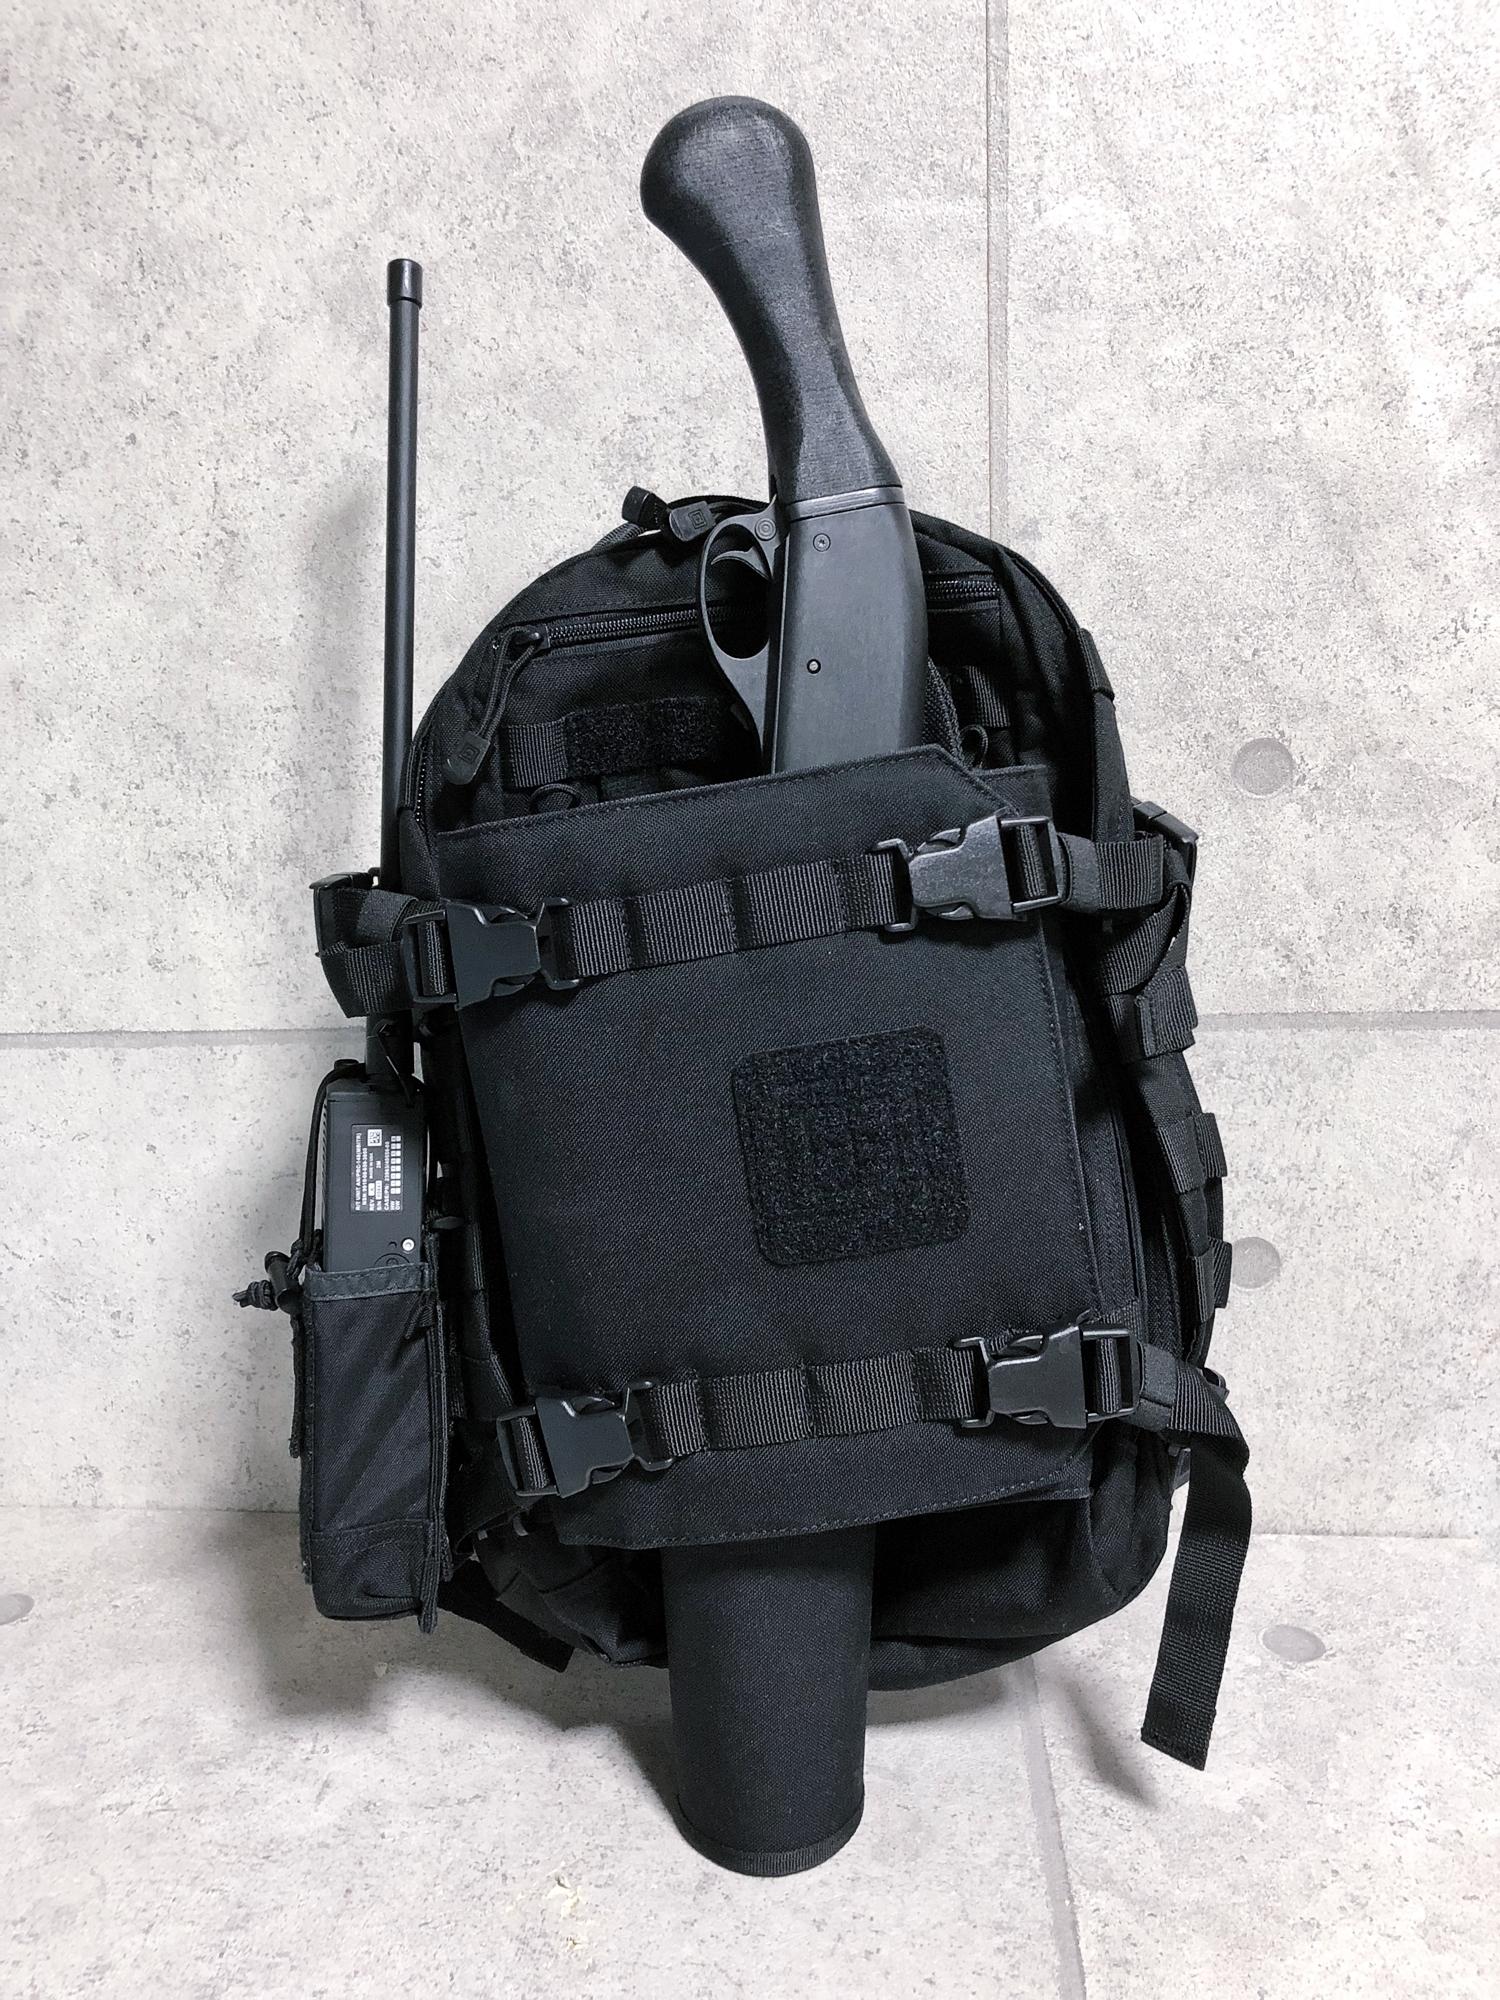 22 実物 511 Tactical RUSH 12 BACKPACK CUSTOM!! ライフルケース・ストラップシステム・ポーチ・ワッペン・ITW TAC LINKなど!! ファイブイレブン タクティカル ラッシュ バックパック カスタム!! 購入 取付 レビュ